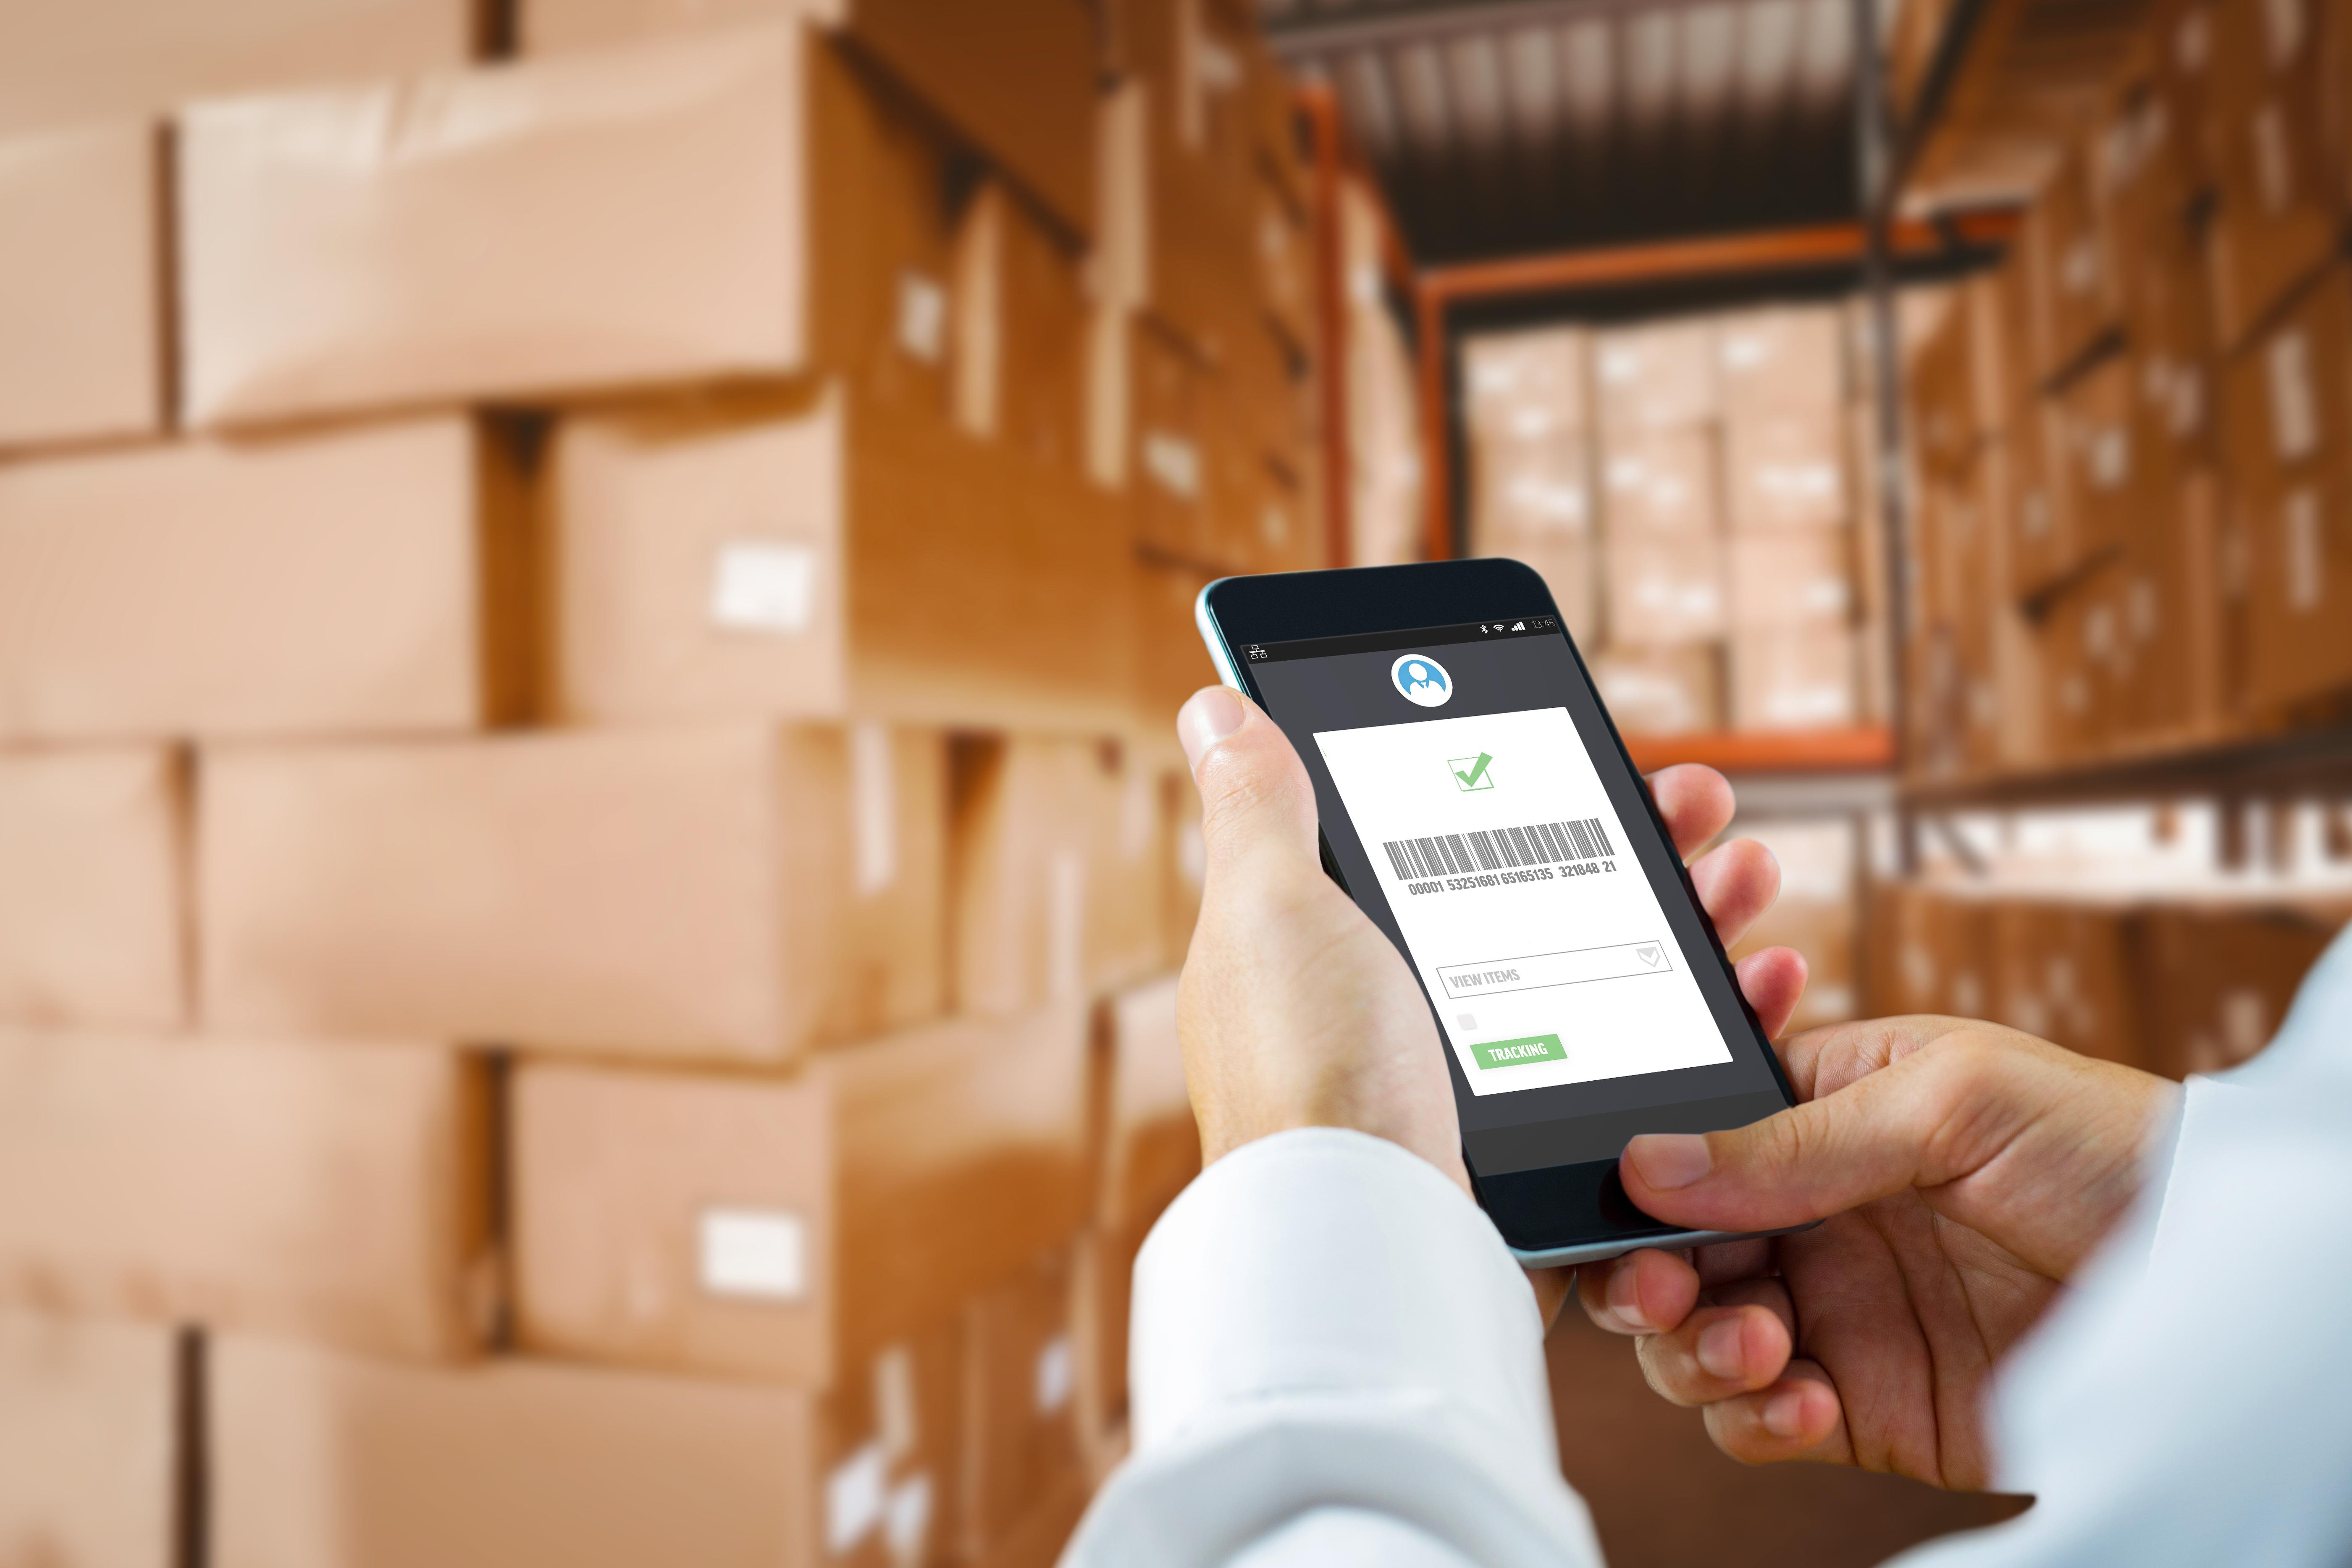 Ny undersøkelse viser at manglende leveringsprosess i transportflyten minsker tilliten til forhandleren